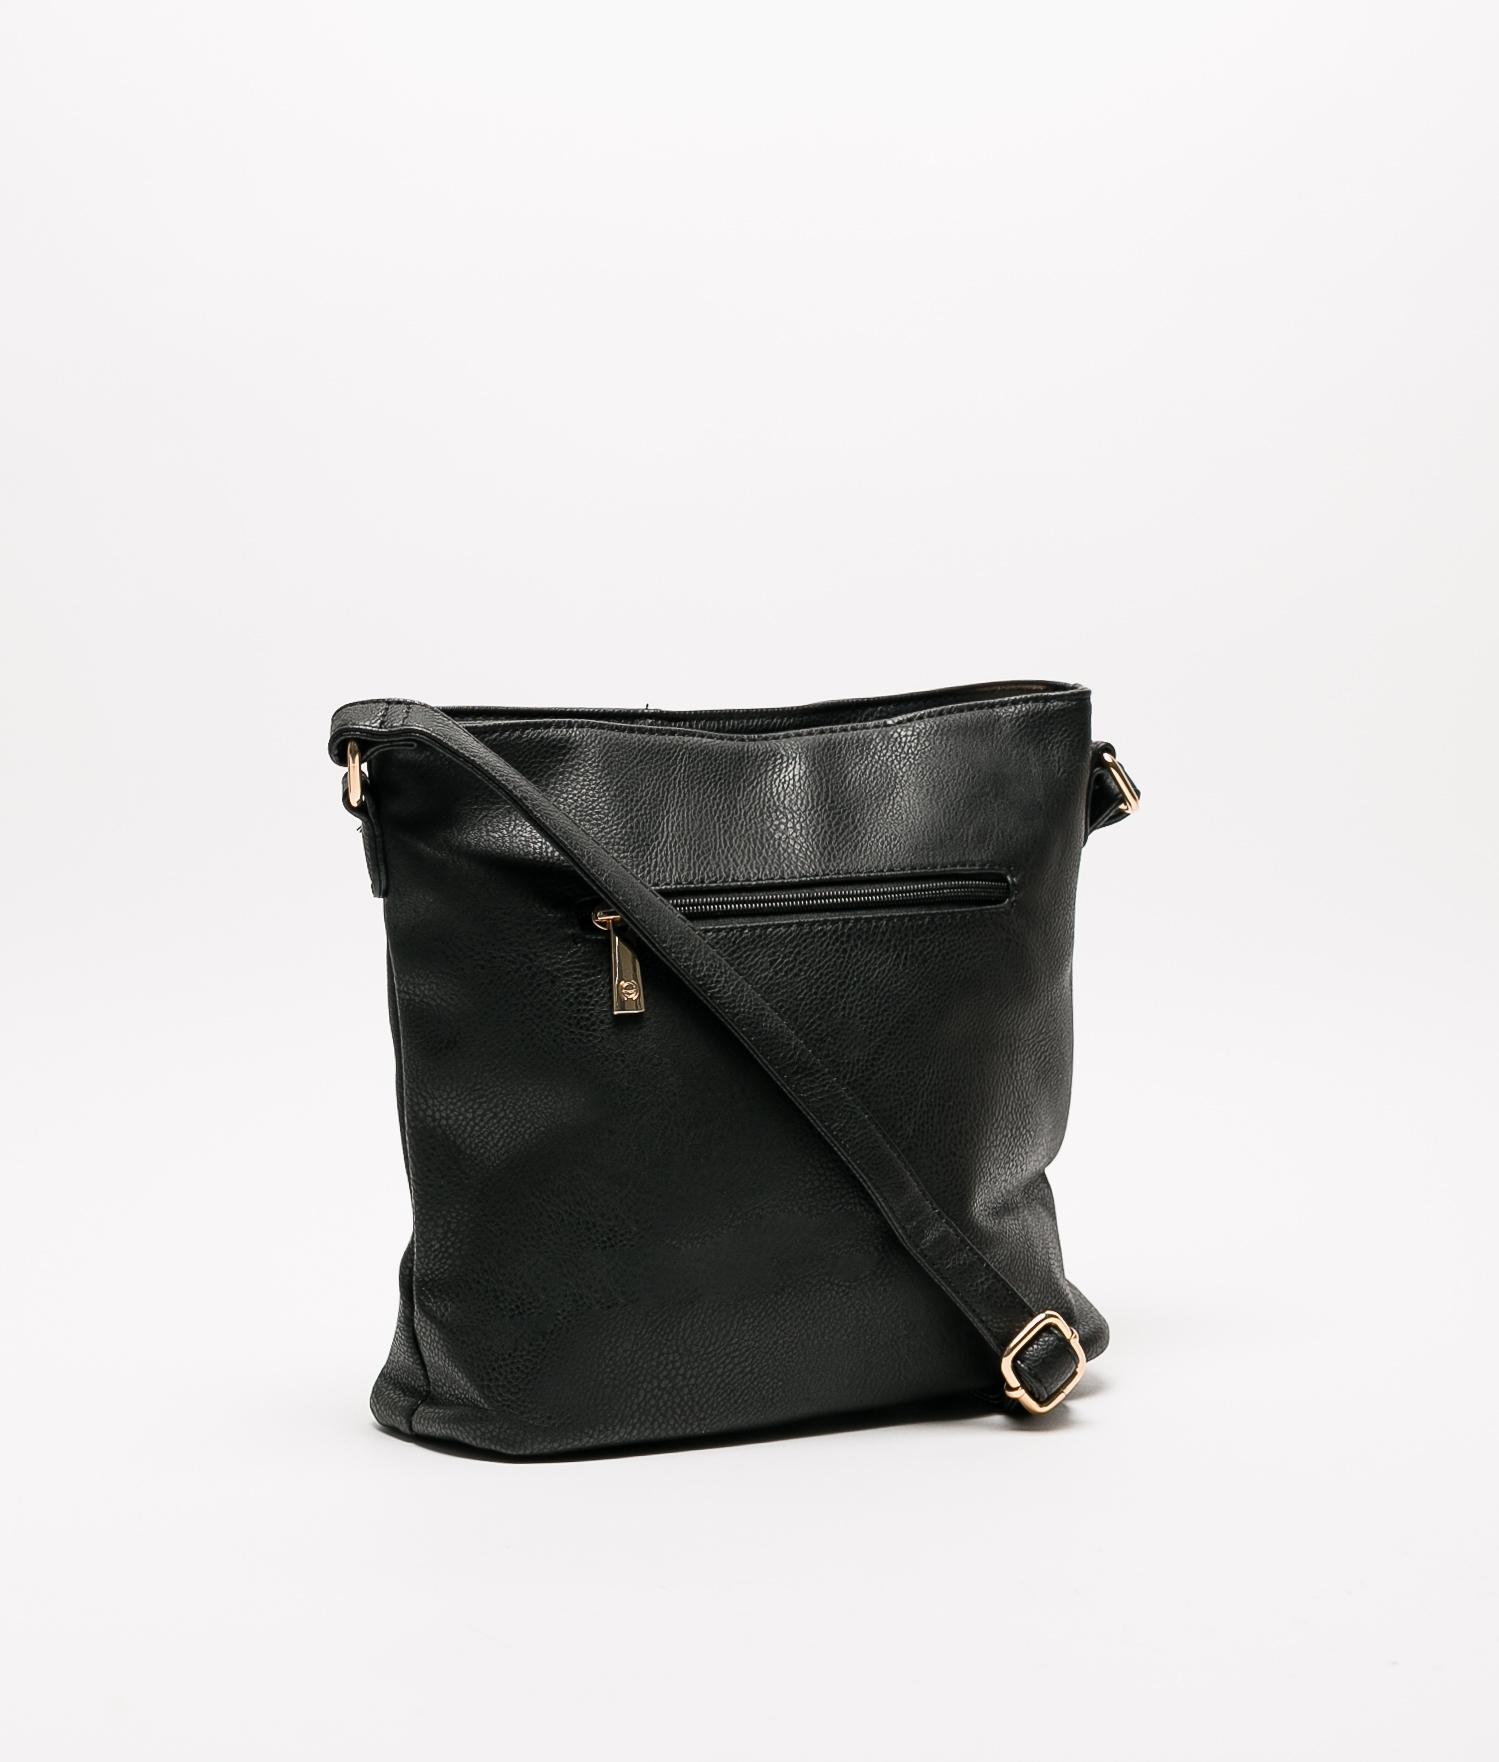 Shoulder bag Silke - Black